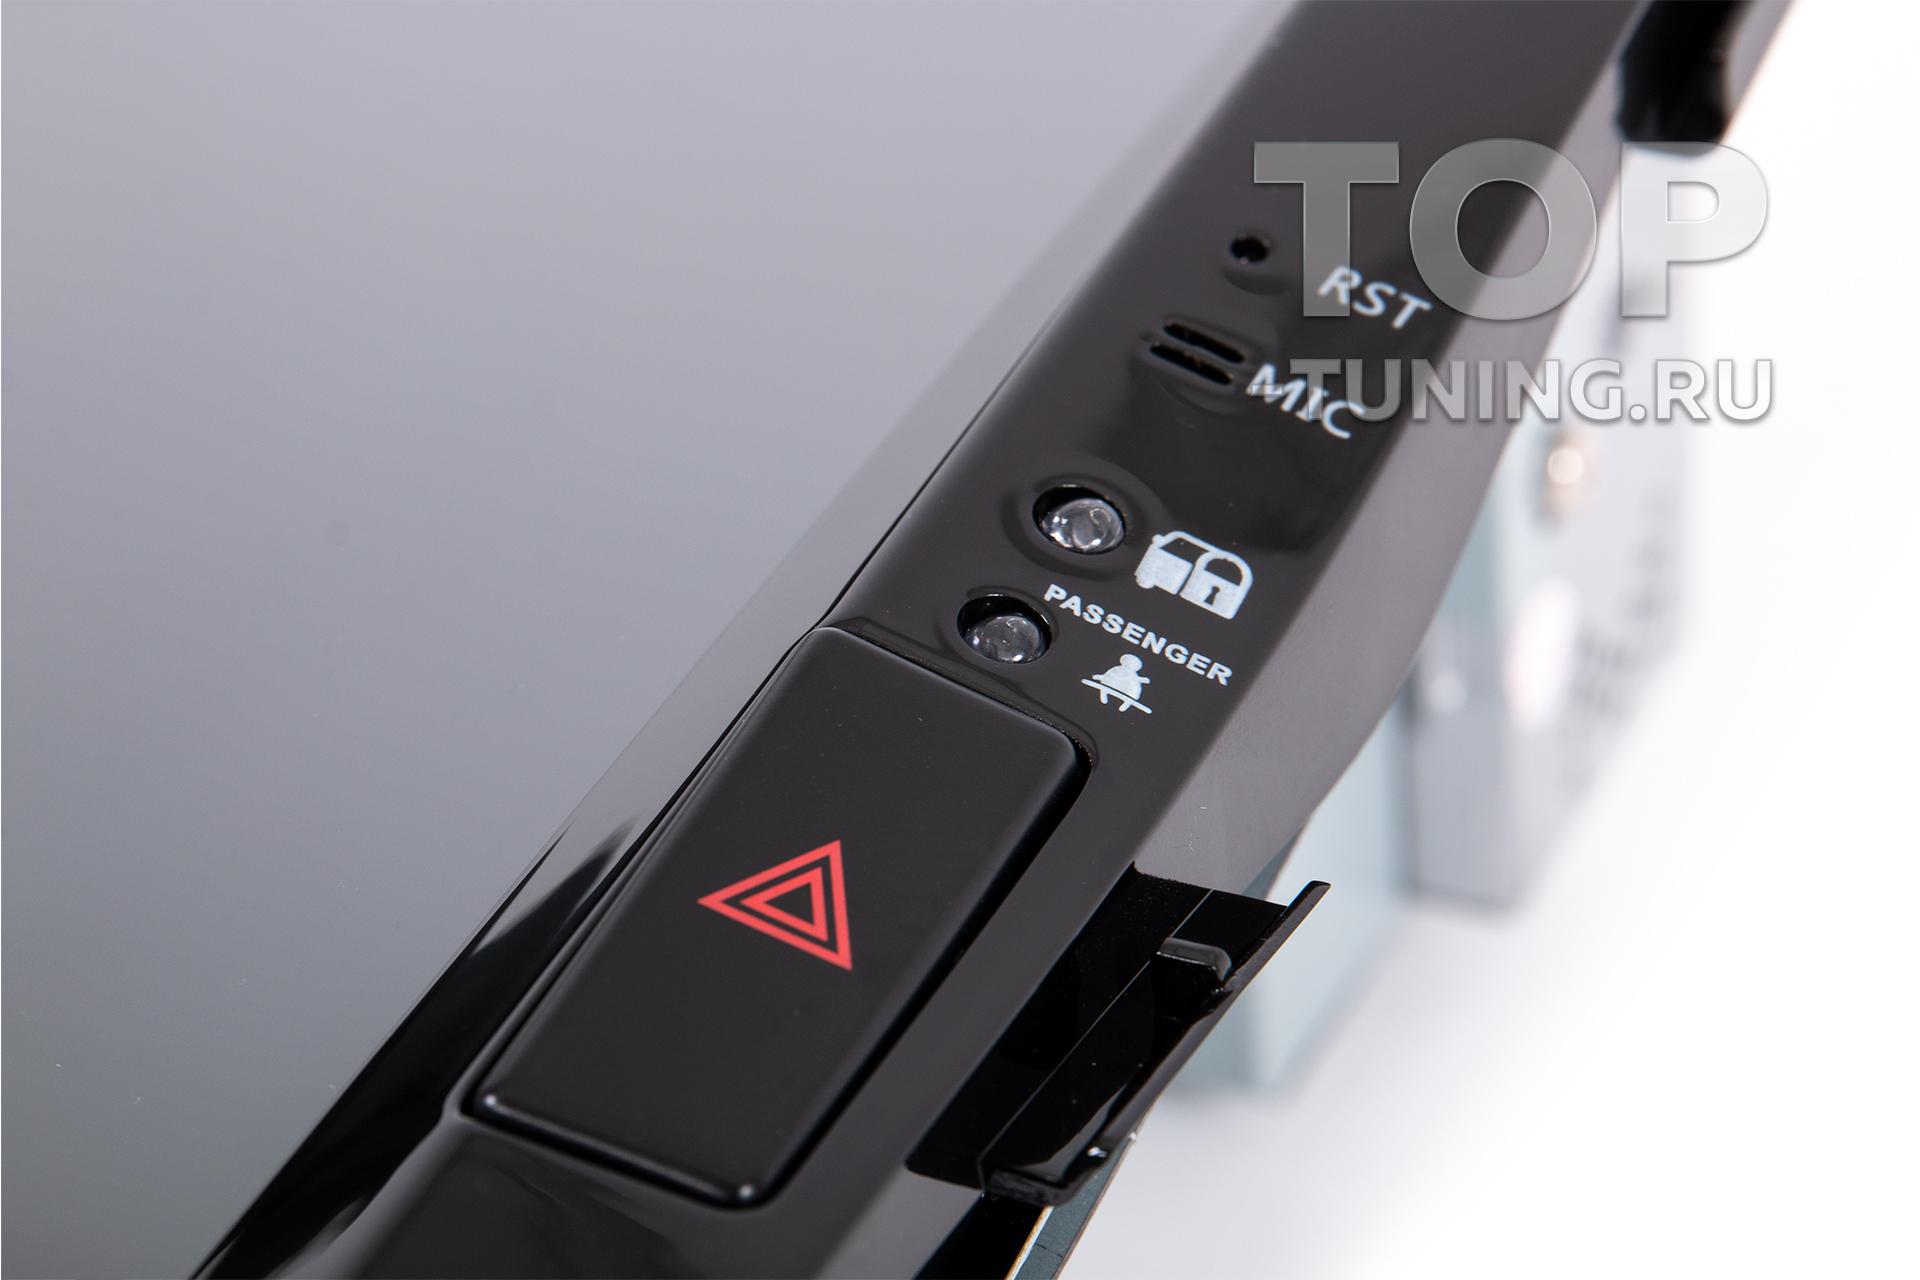 Фирменная магнитола Тесла стиль для тюнинга Тойота Ленд Крузер 200 - купить с установкой